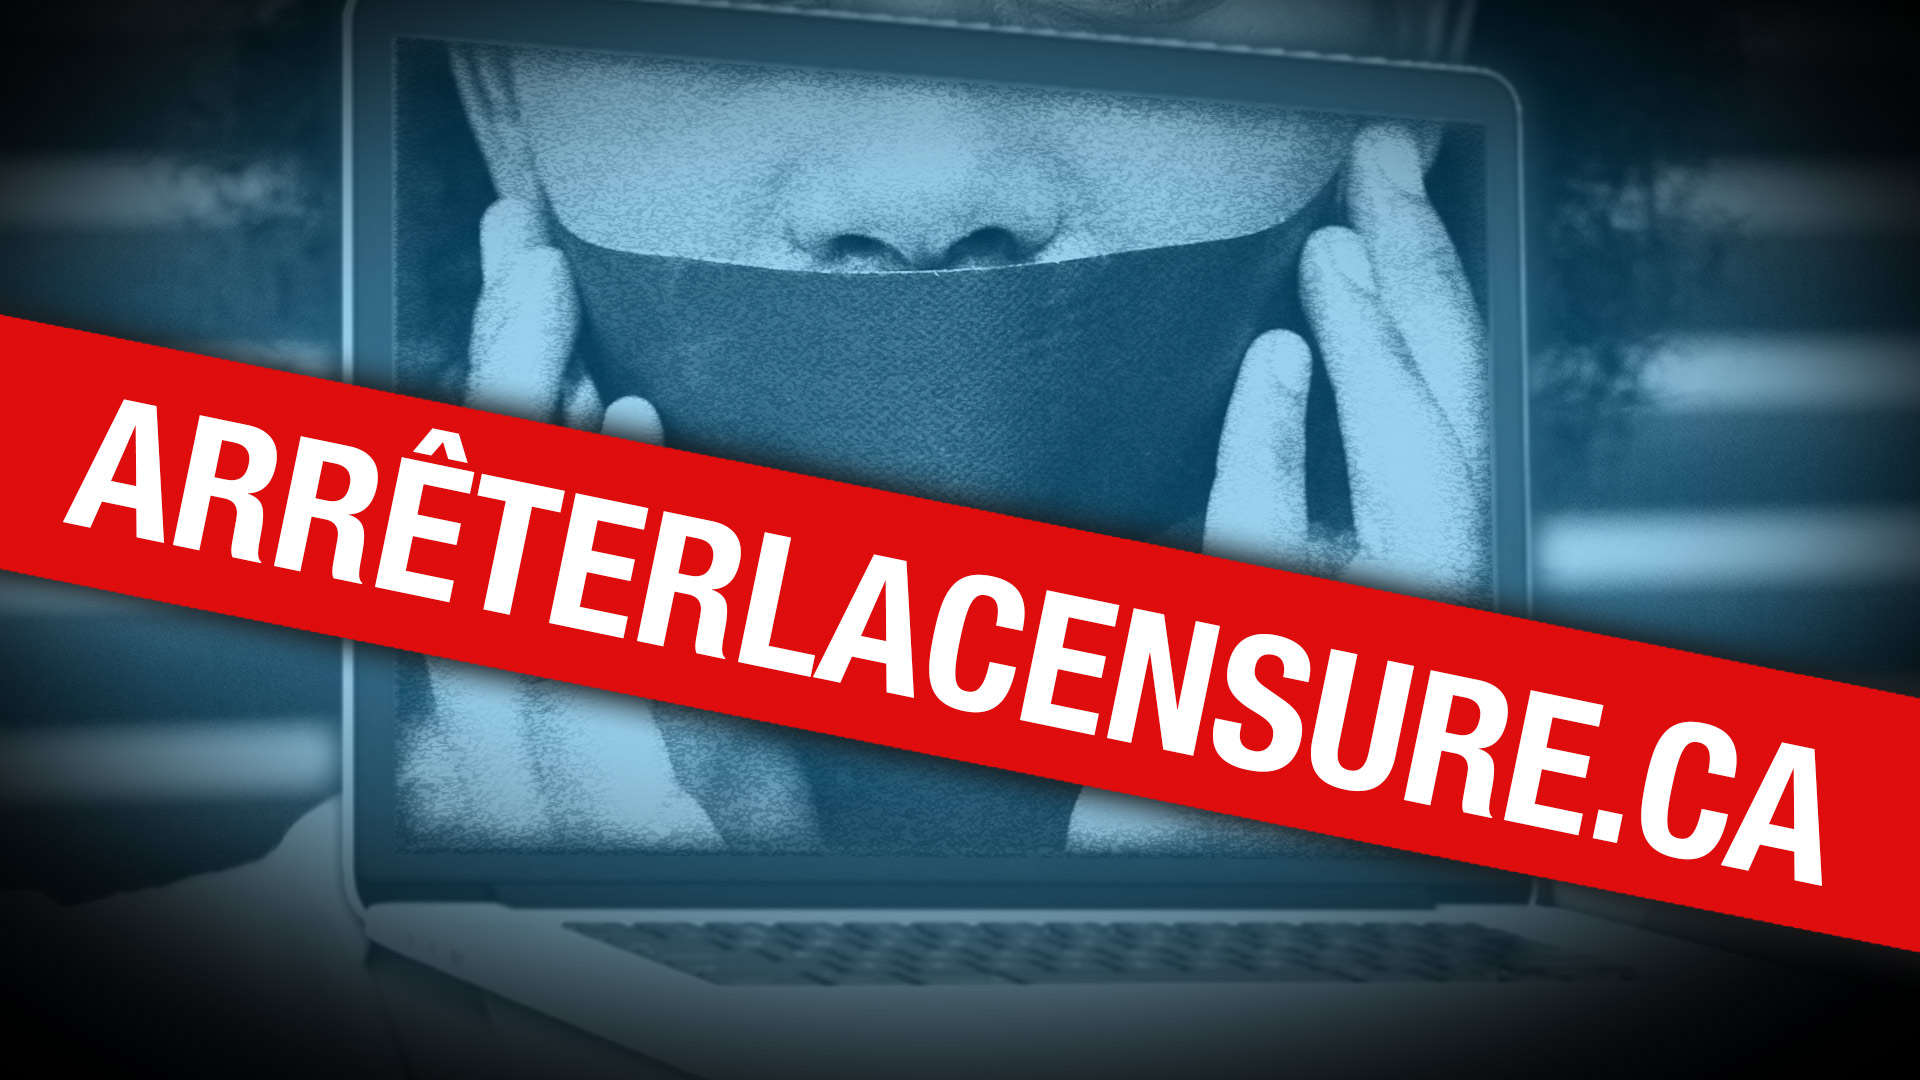 Arrêter la censure de l'internet au Canada